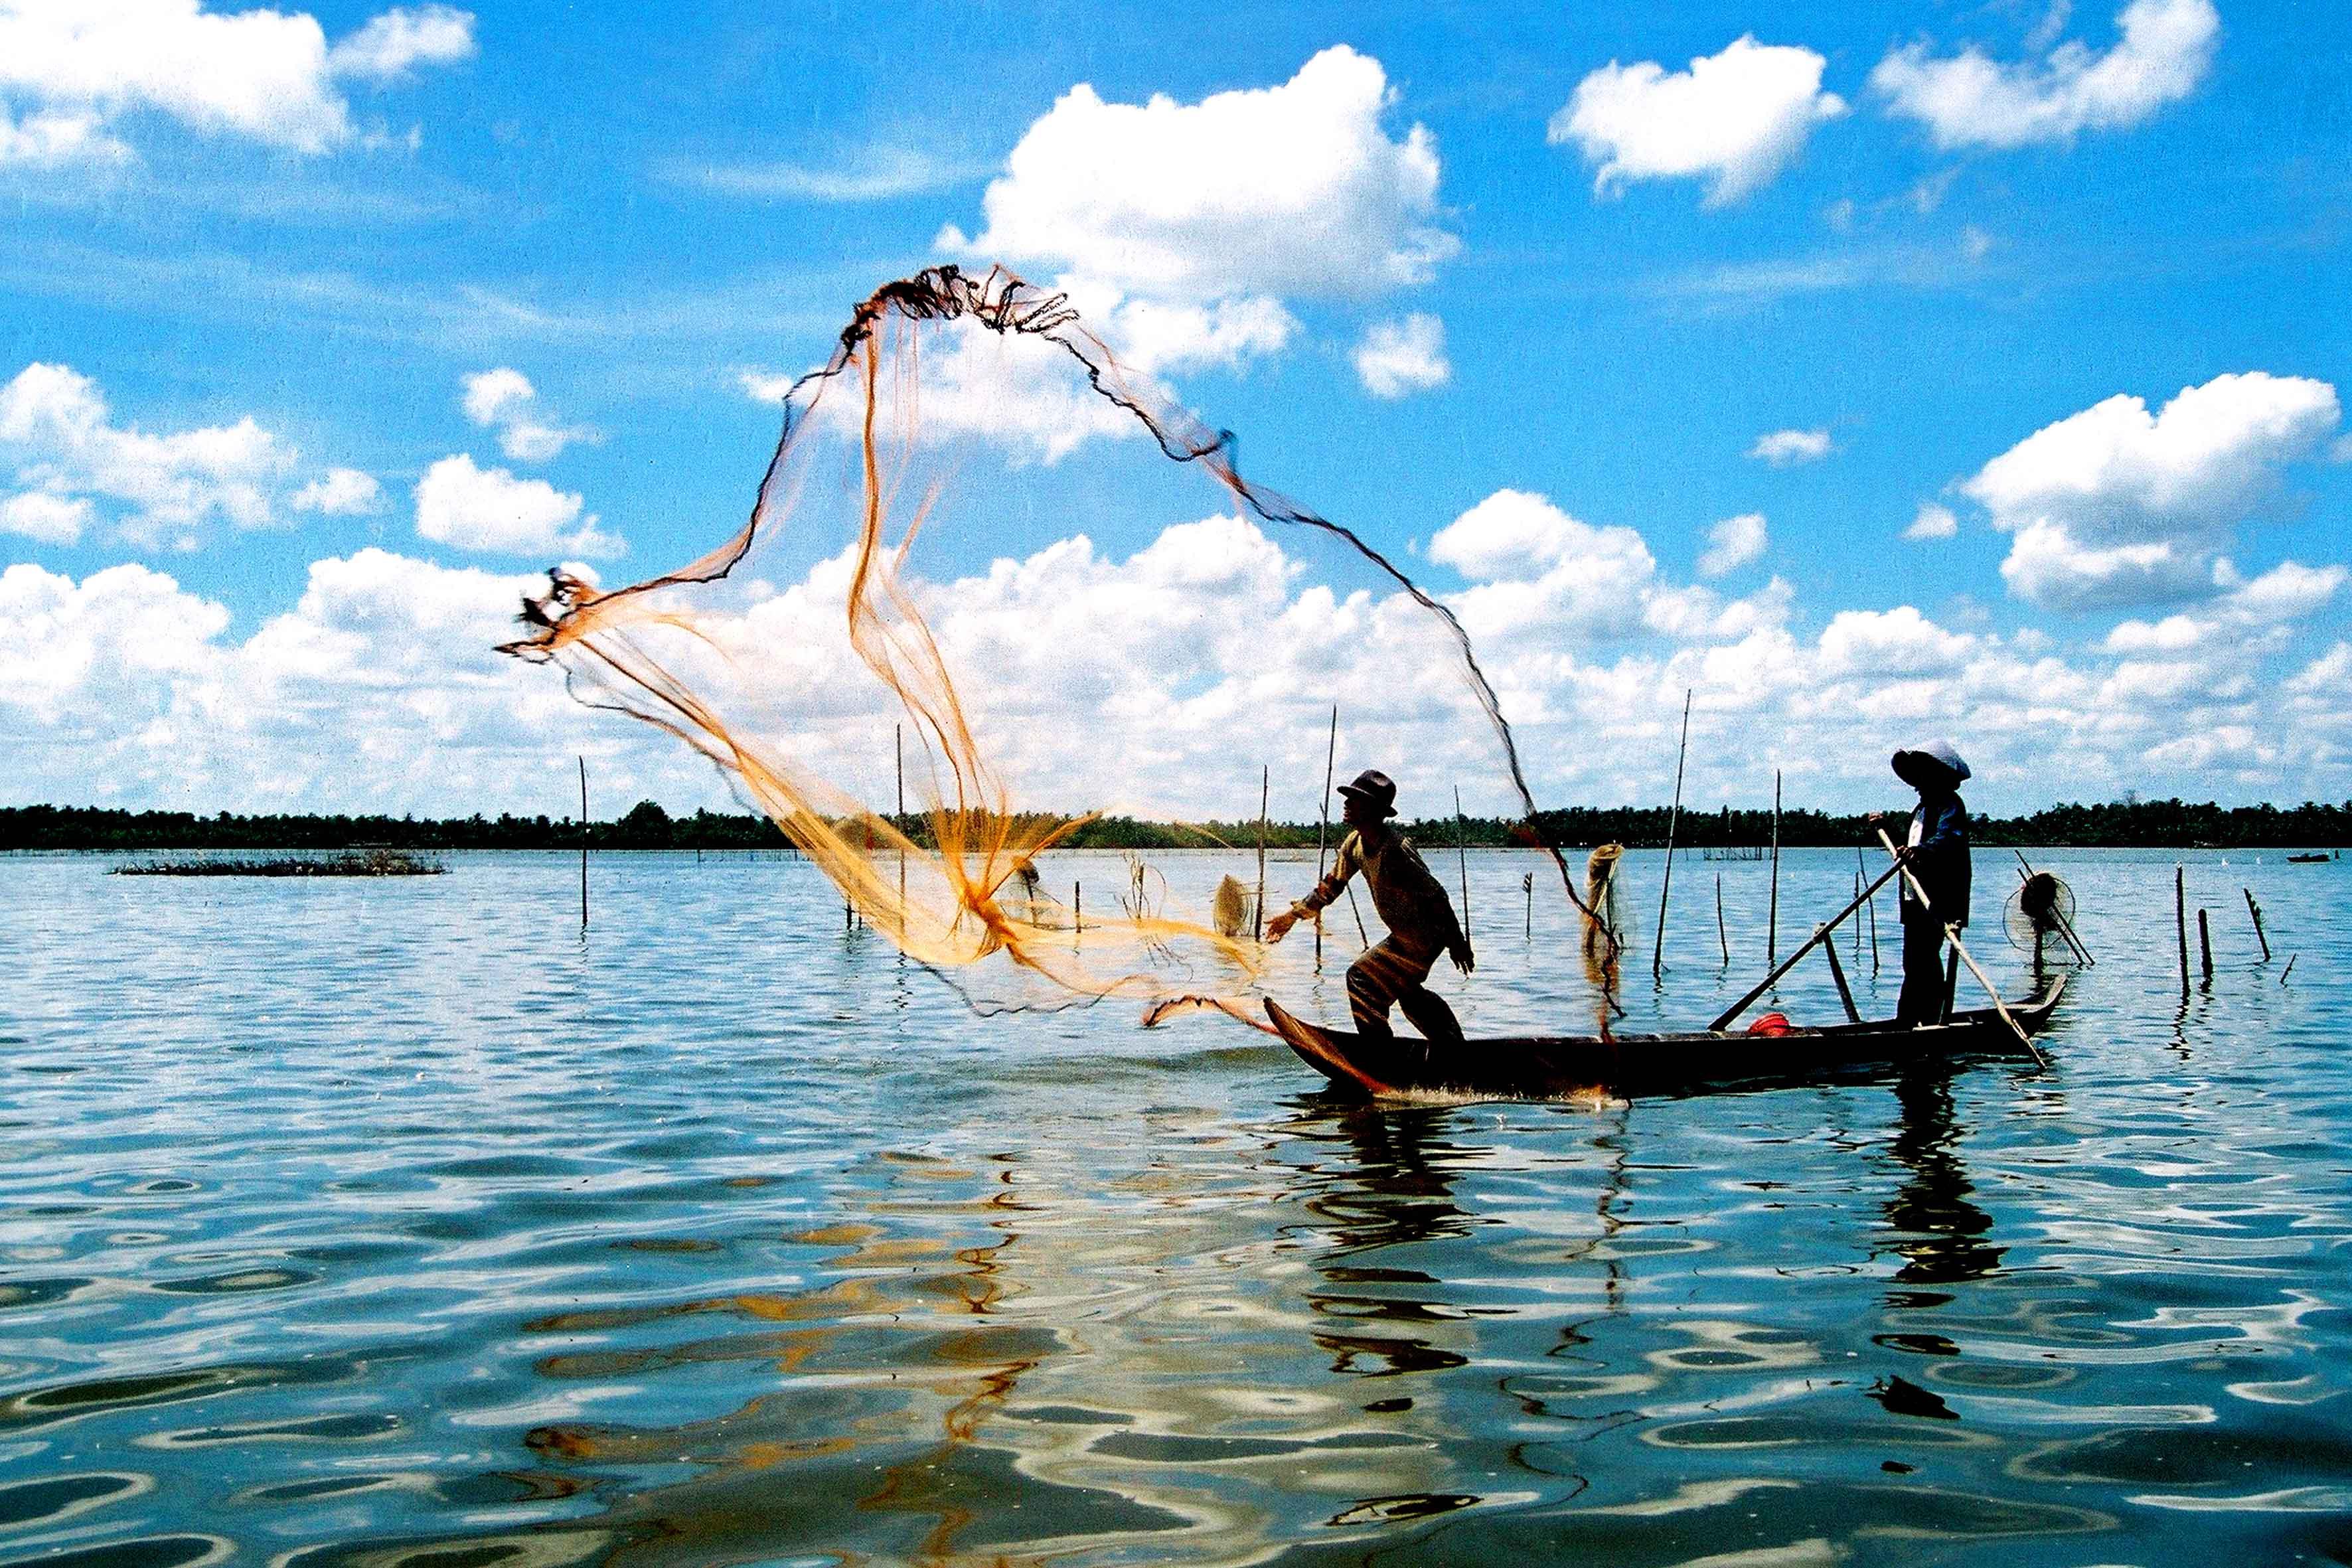 Cần Thơ-Thiền Viện Phương Nam-Đất Mũi Cà Mau- Bạc Liêu-Sóc Trăng